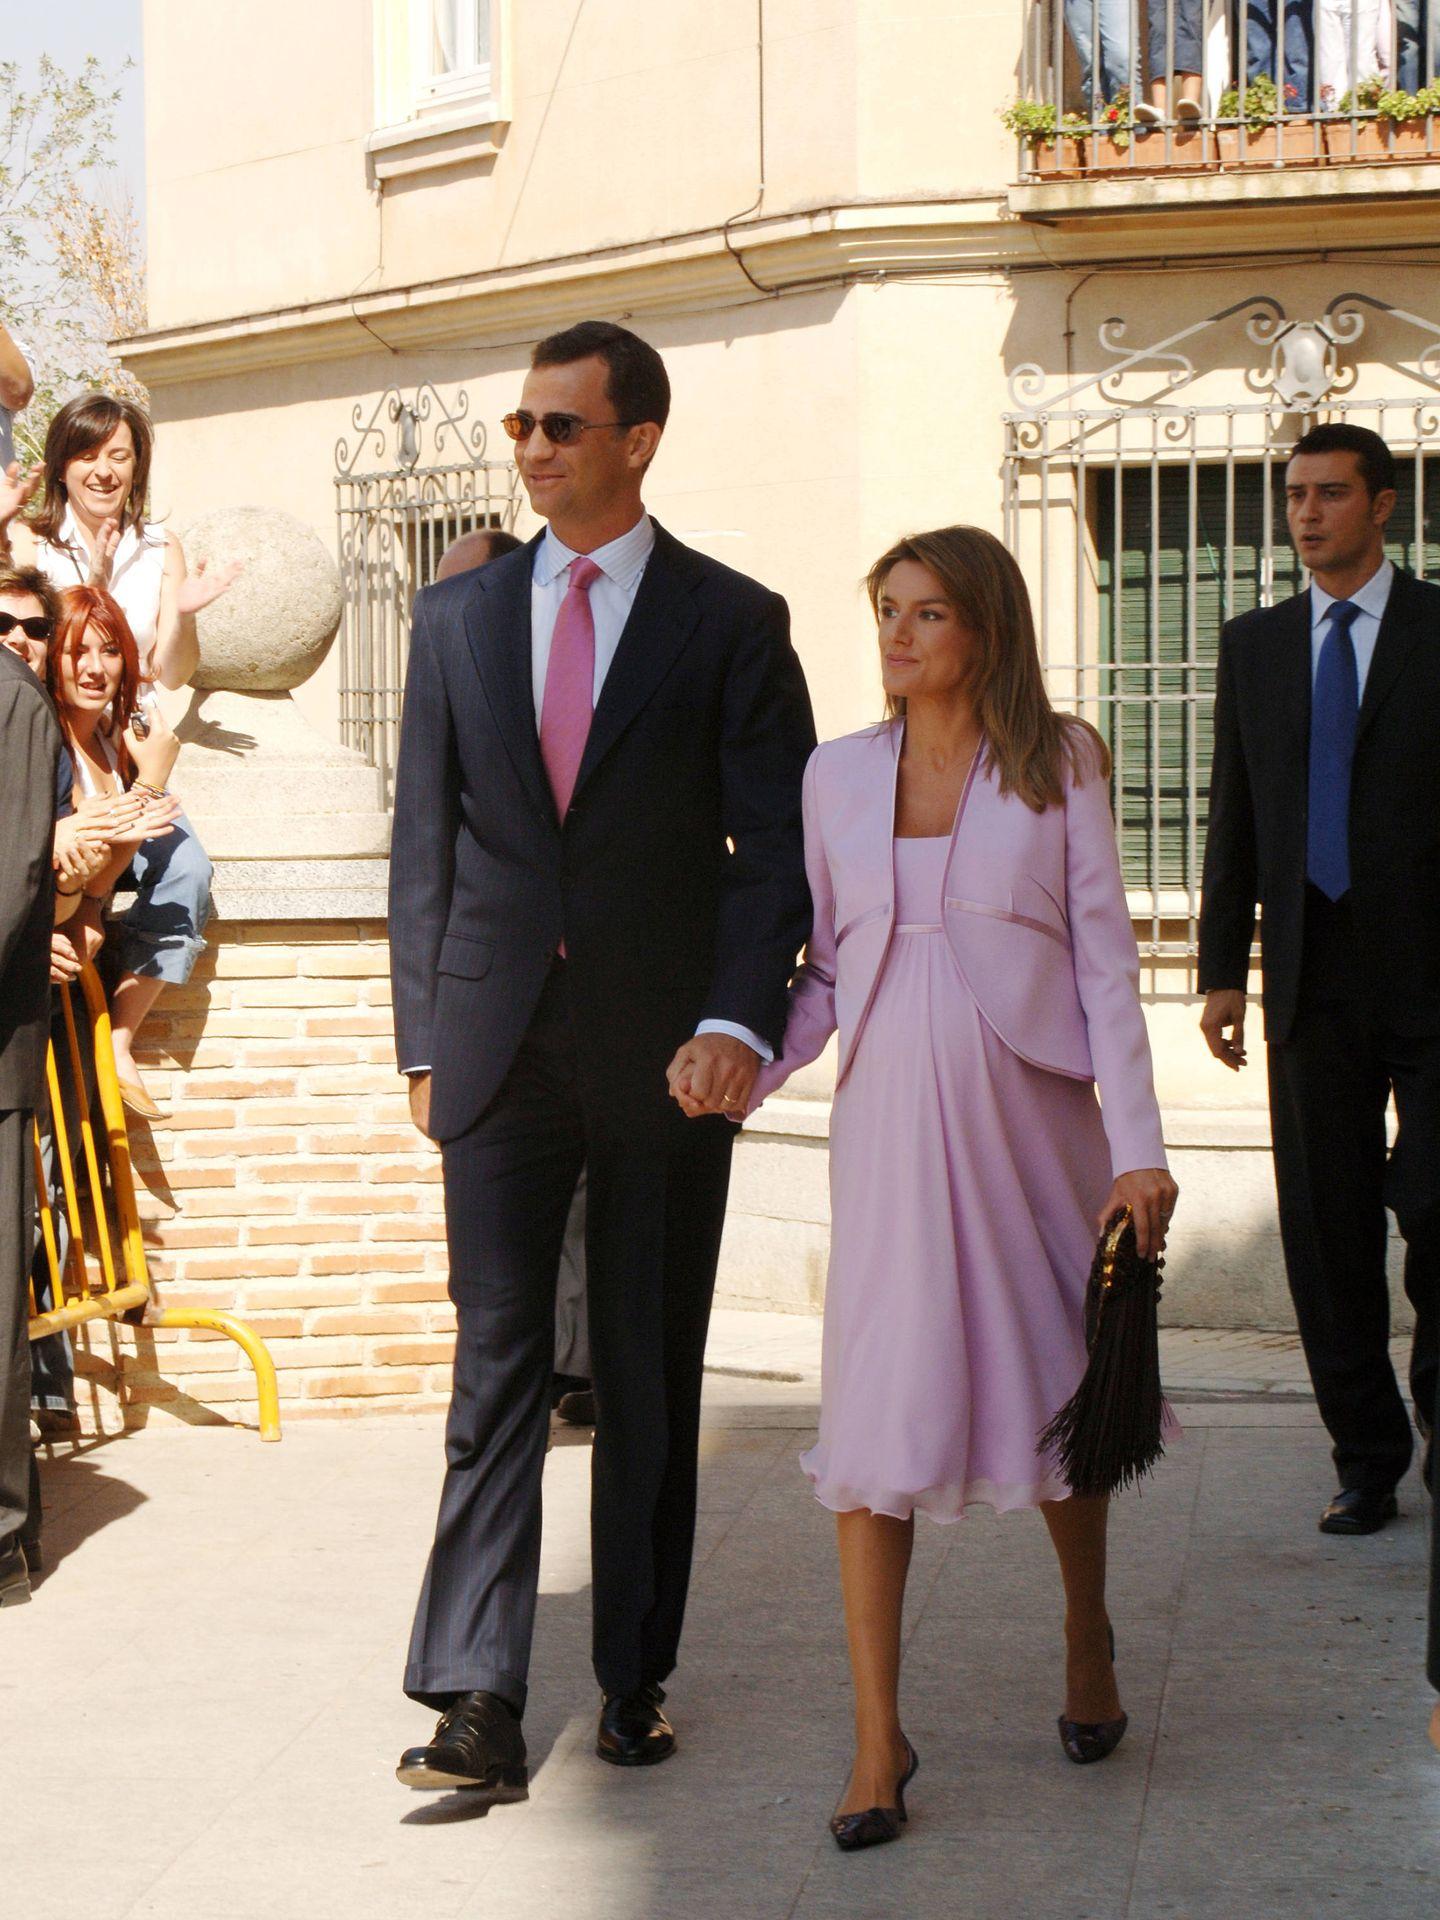 Los Reyes de España en la boda de Nathalie Picquot y Álvaro Fernández de Araoz Gómez-Acebo. (Korpa)